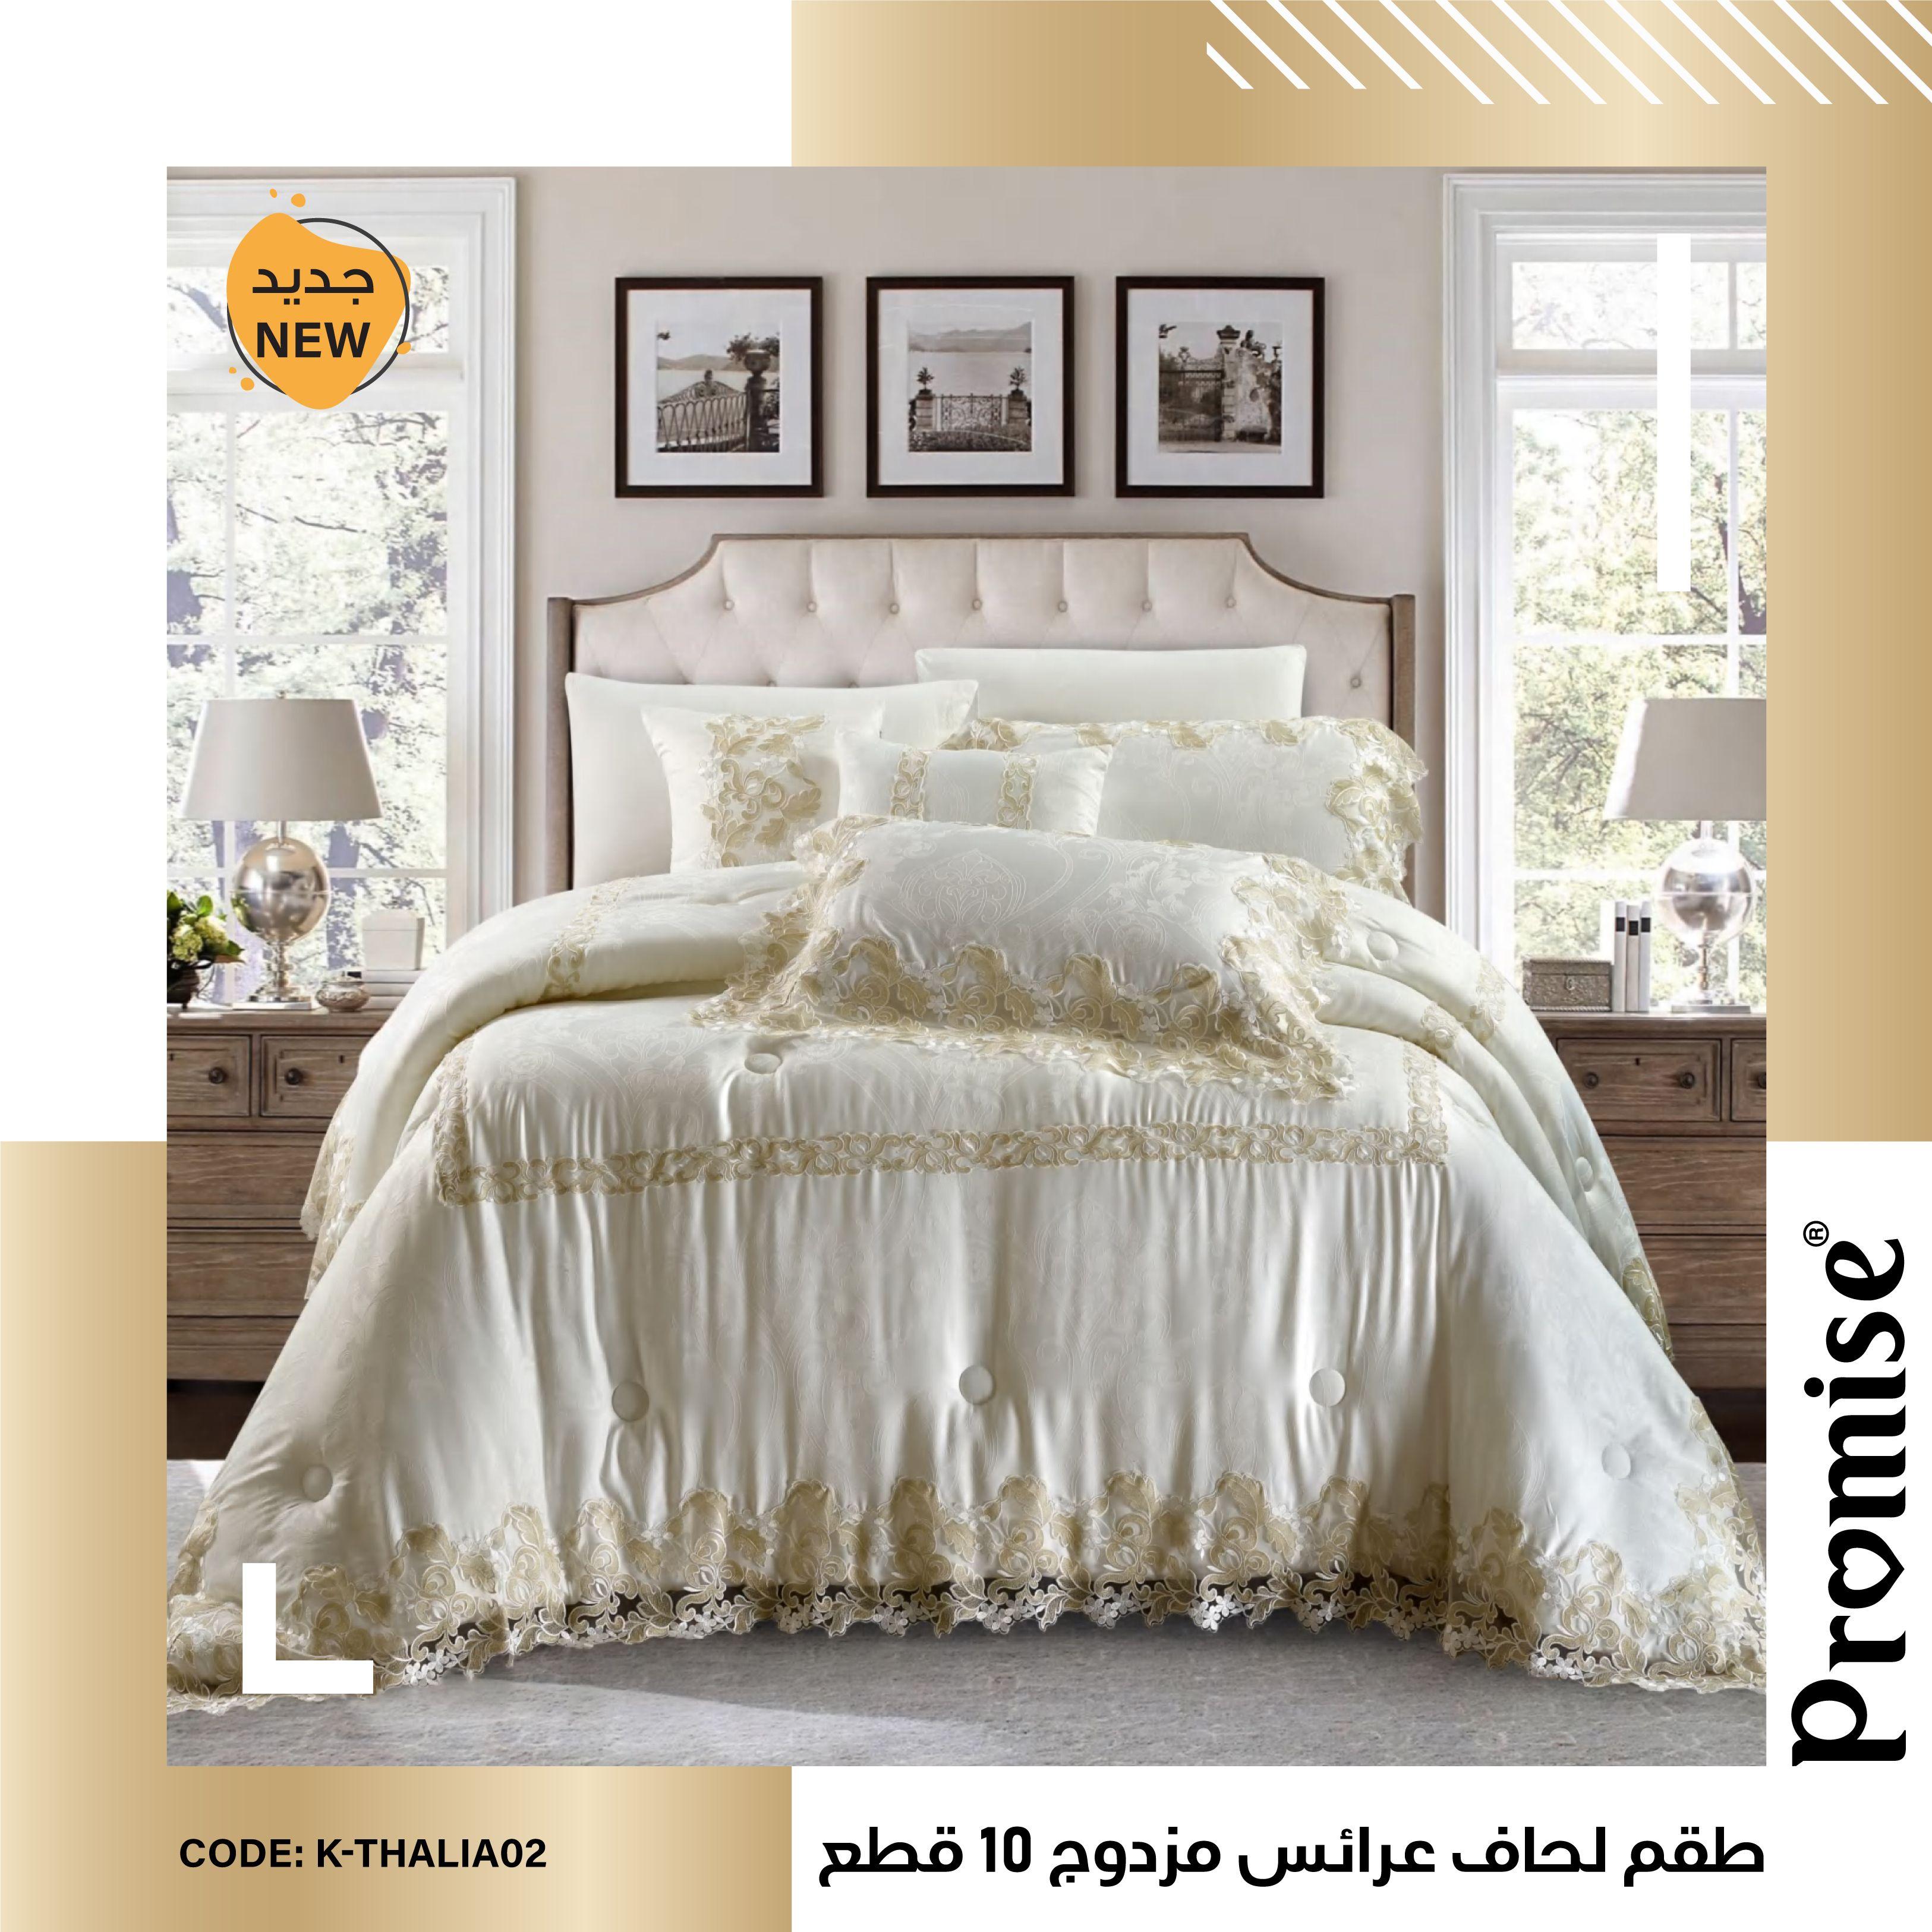 تألقي مع تشكيلة الجديدة من بست مومنت للعرائس سلوب حياة Home Decor Furniture Home